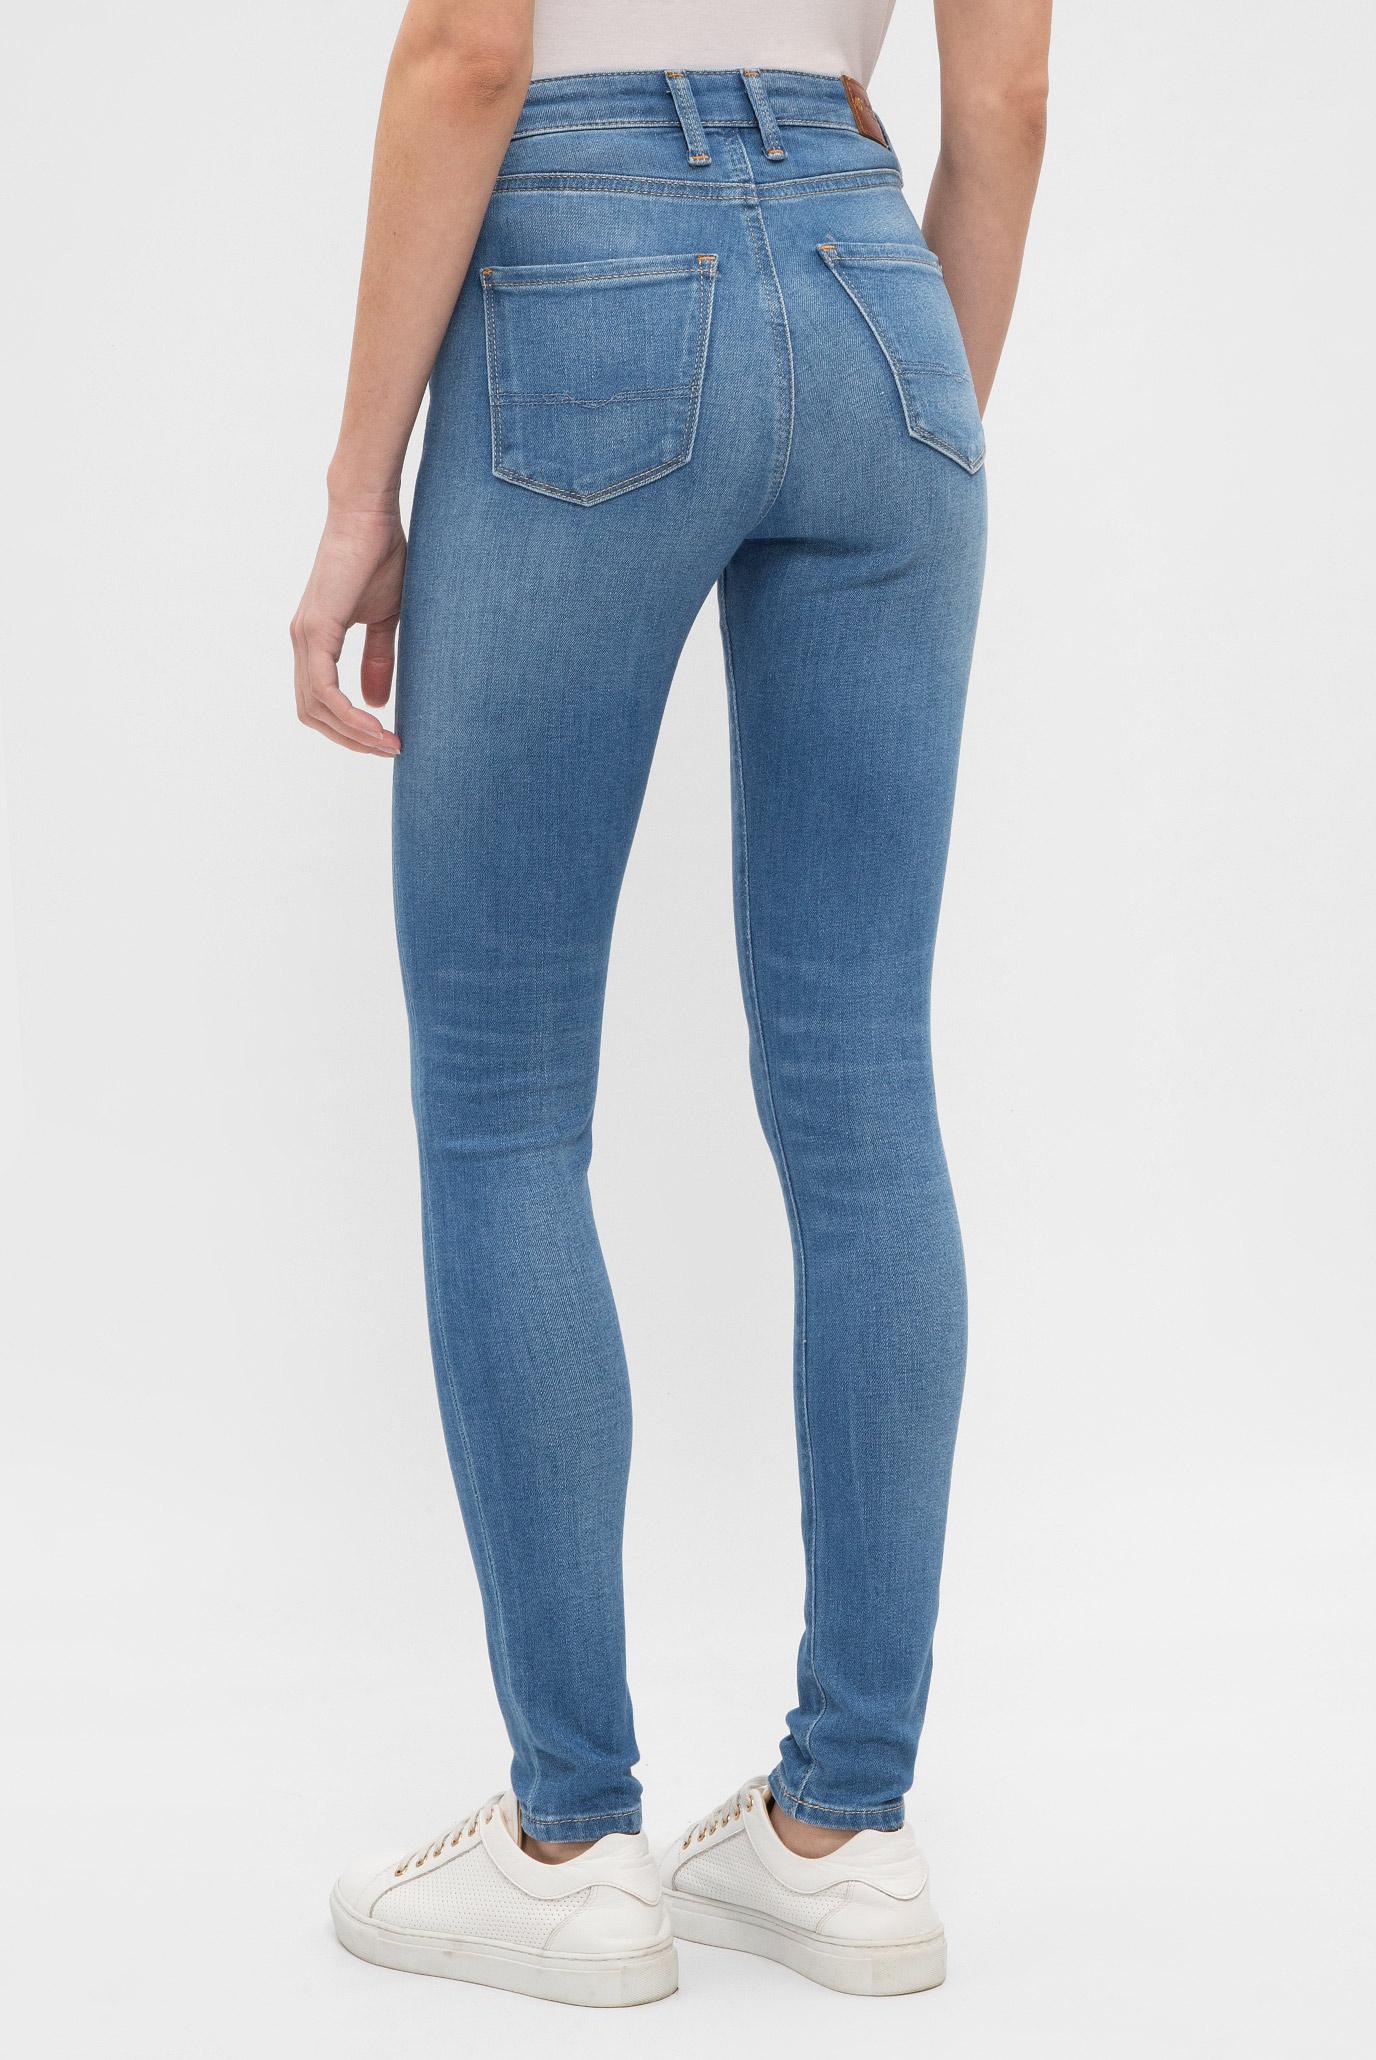 Купить Женские синие джинсы REGENT 45YRS Pepe Jeans Pepe Jeans PL2030180 – Киев, Украина. Цены в интернет магазине MD Fashion